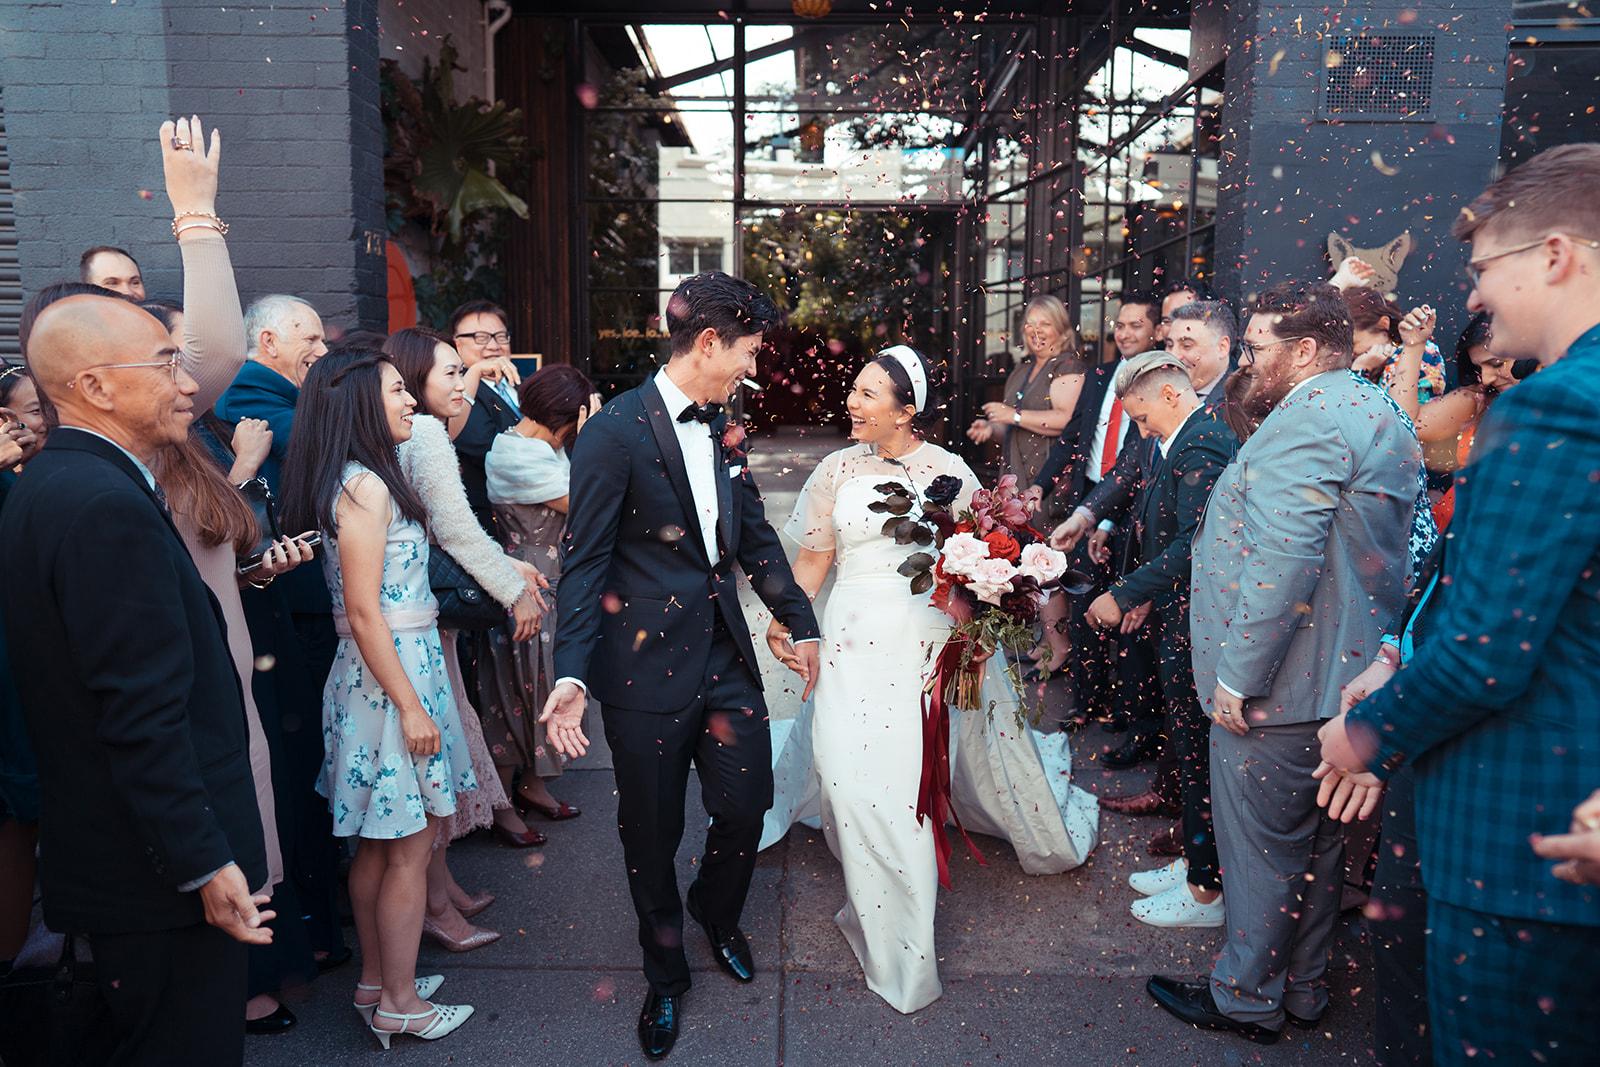 Wedding at Rupert on Rupert